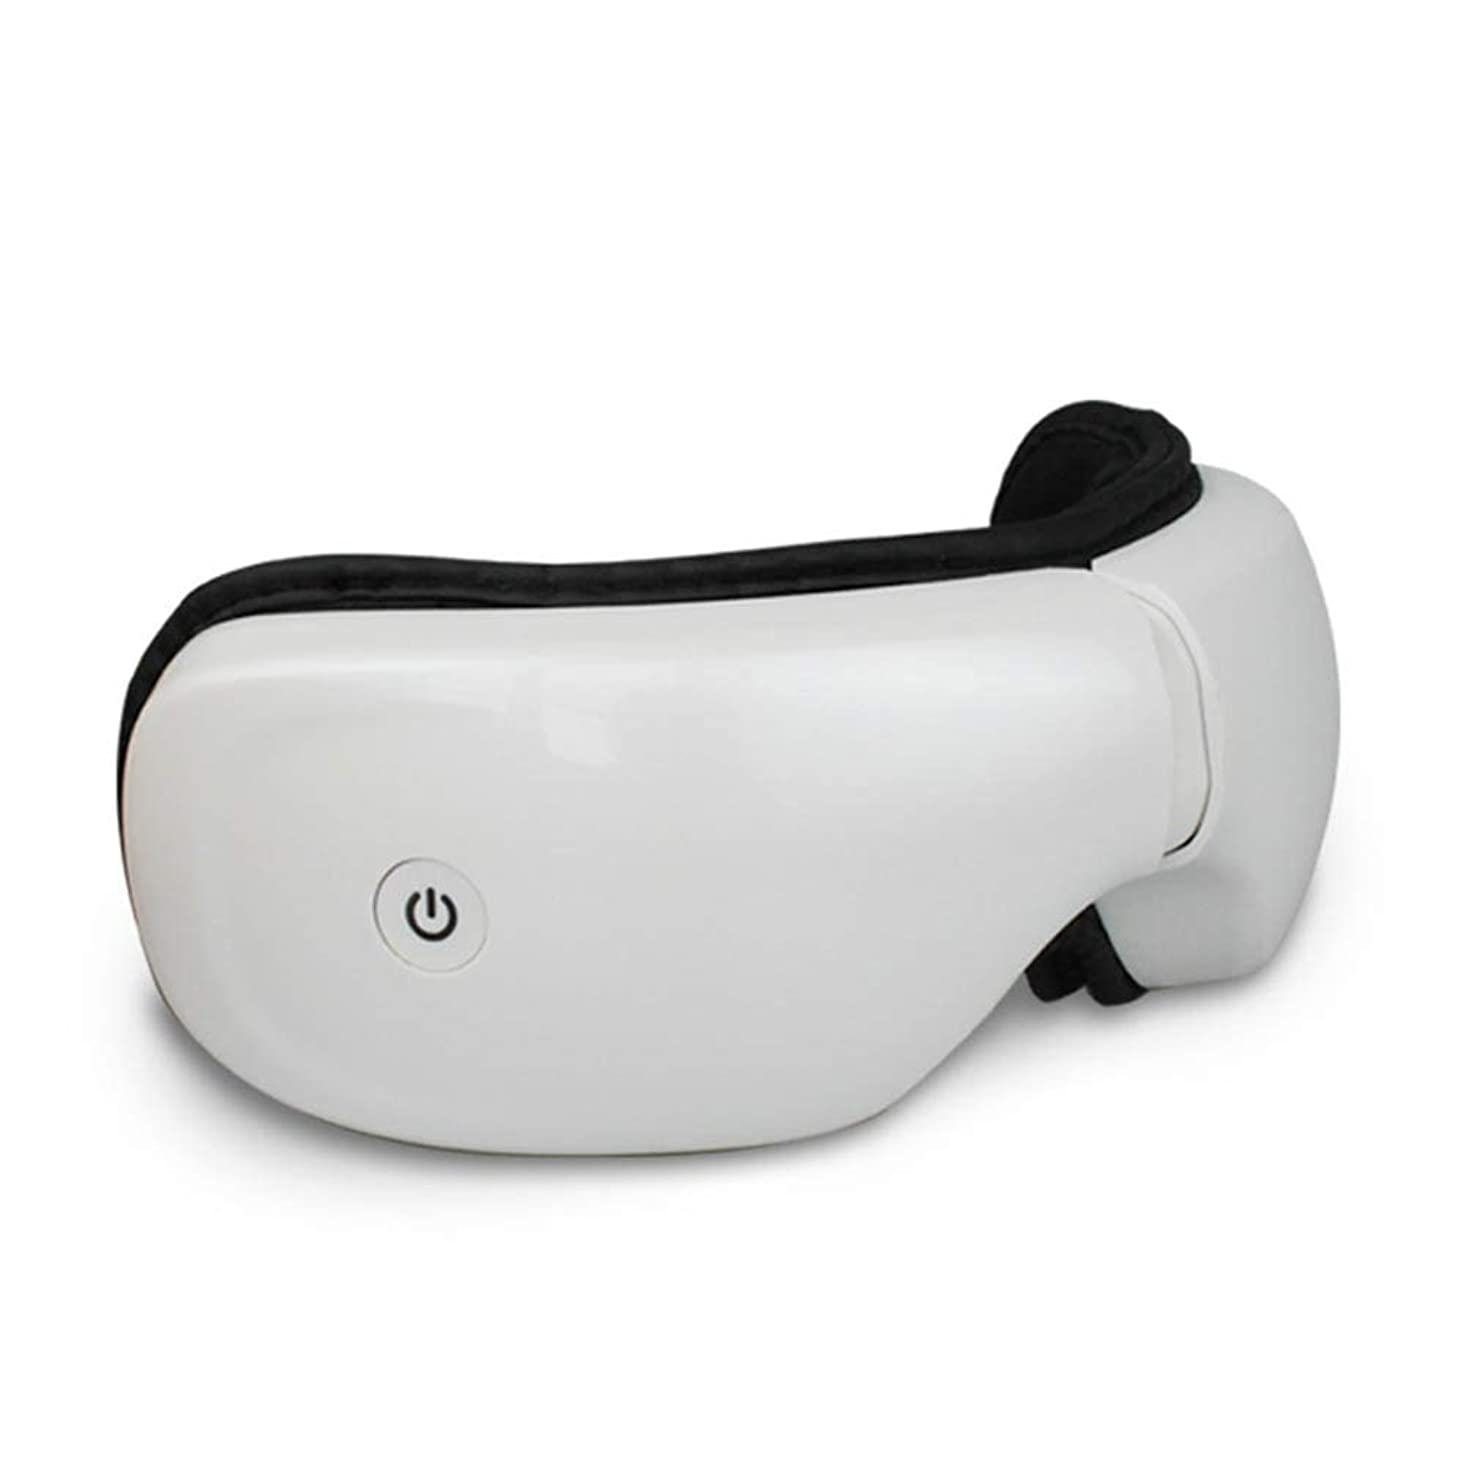 キュービック重量雰囲気ポータブル アイマッサージャー、5つのマッサージテクニック、恒温、目の疲労のためのアイケアマッサージャー インテリジェント